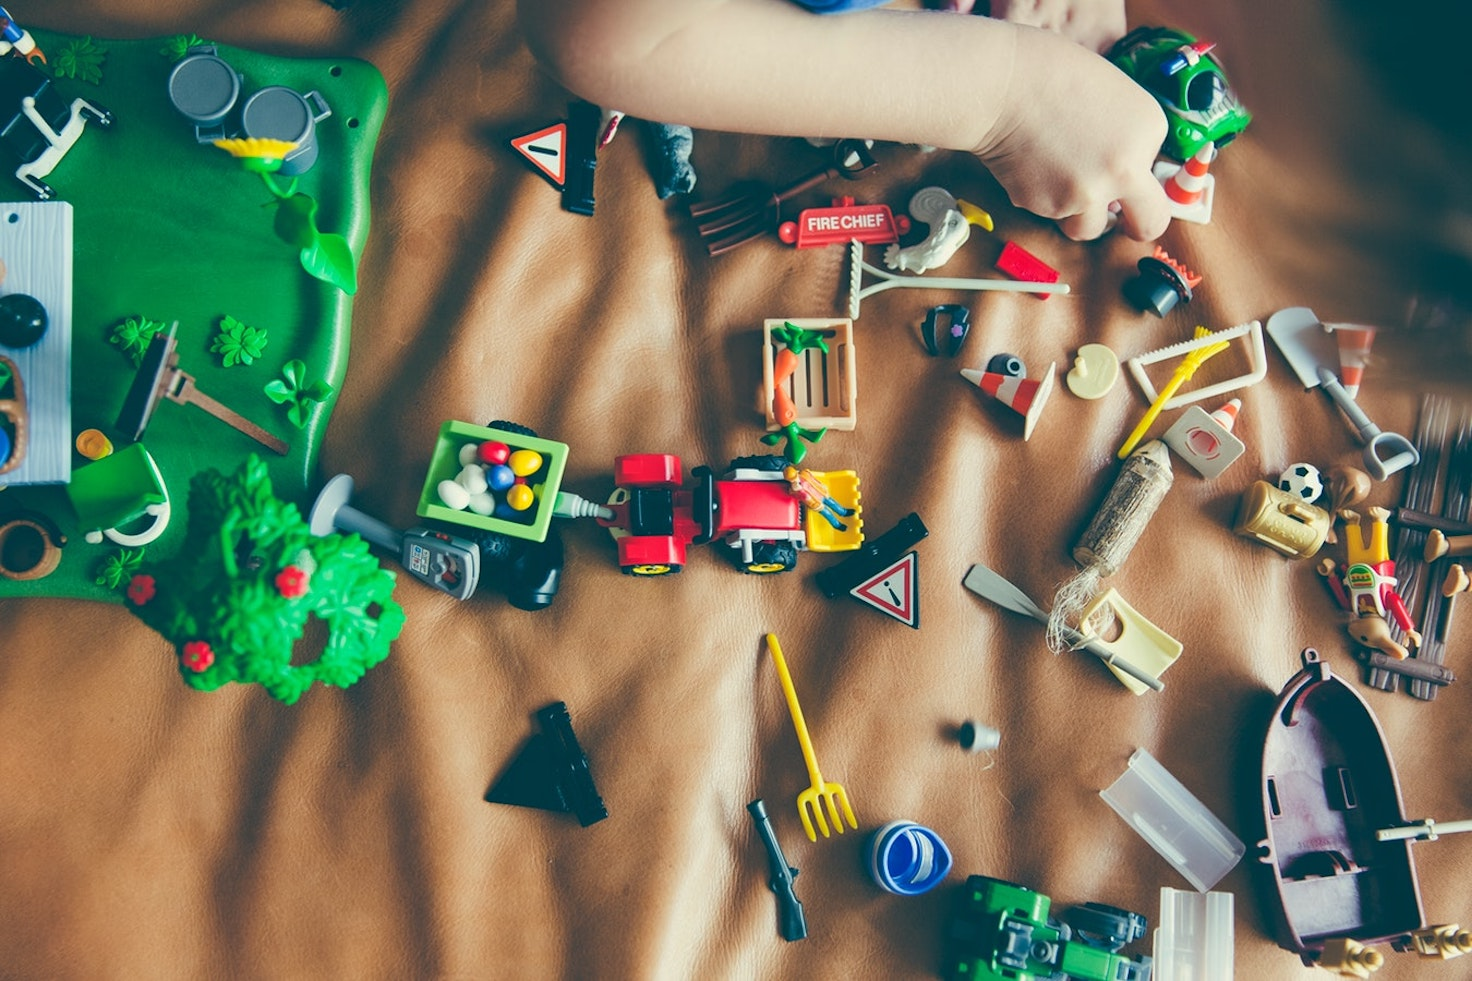 Het kassasysteem verkozen door speelgoedwinkels